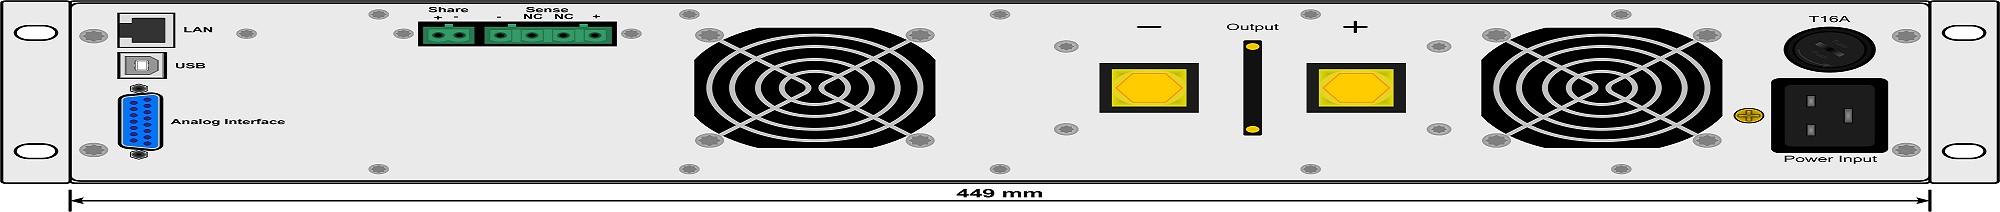 E/PS 9080-50 1U Labornetzgerät